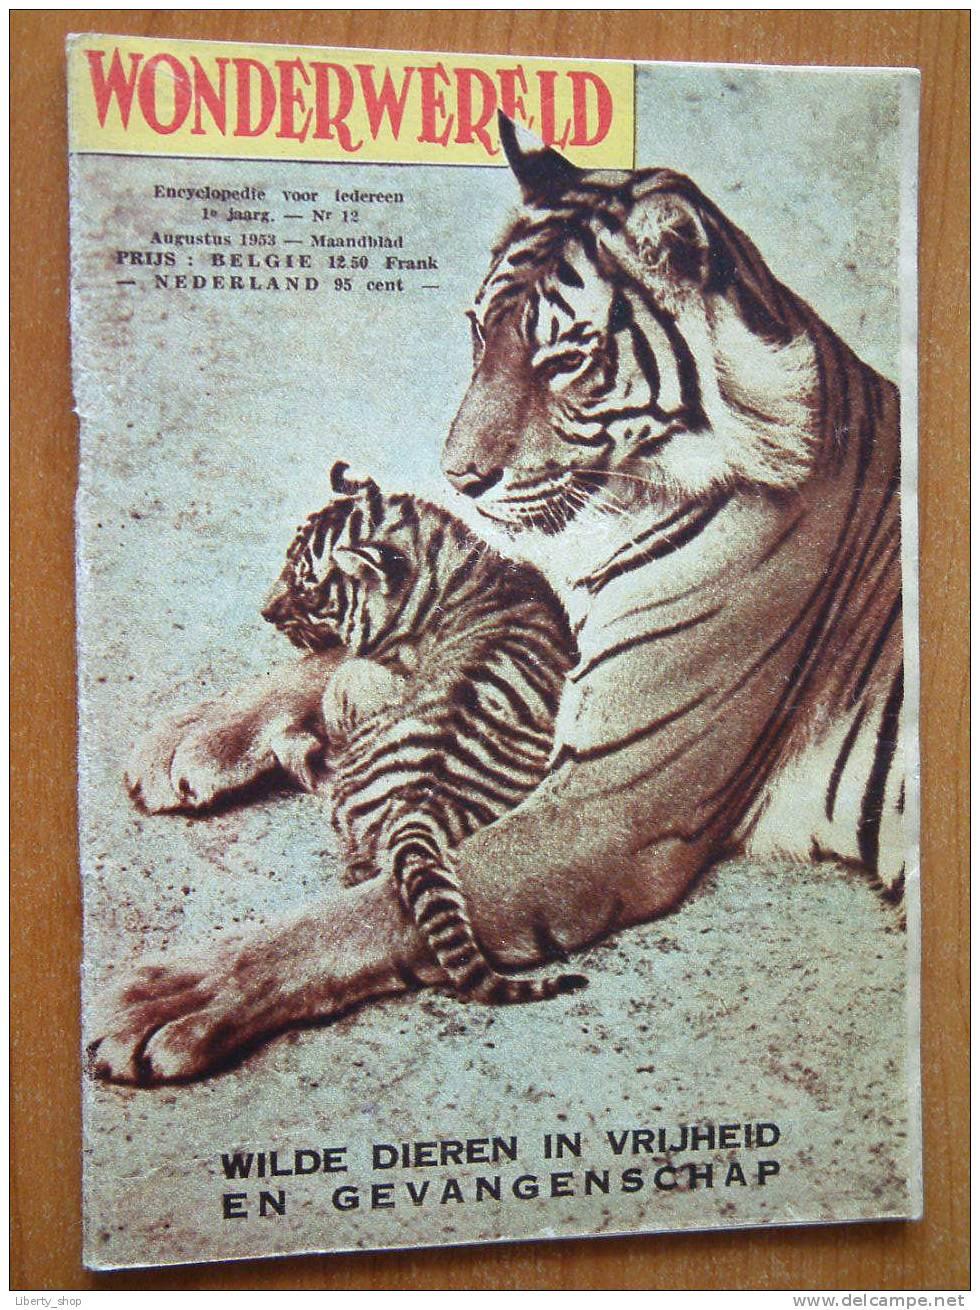 WONDERWERELD 1° Jaargang N° 12 / Augustus 1953 ( Encyclopedie Voor Iedereen ) !! - Encyclopédies